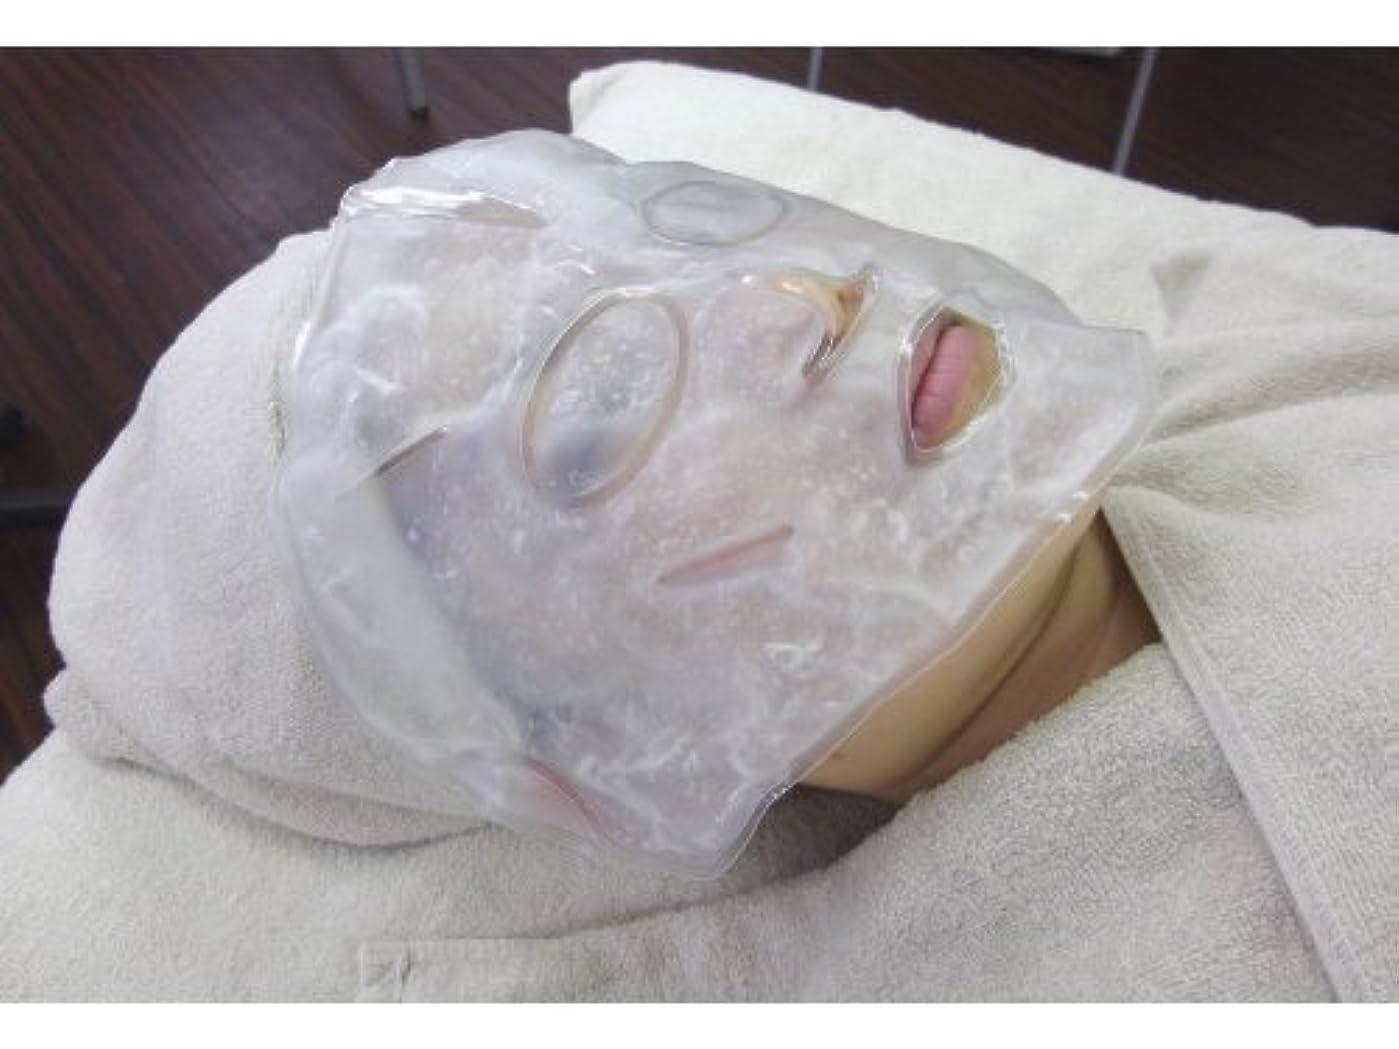 【温感?冷感兼用】柔らかく使用感の良い、業務用バイオジェルマスク